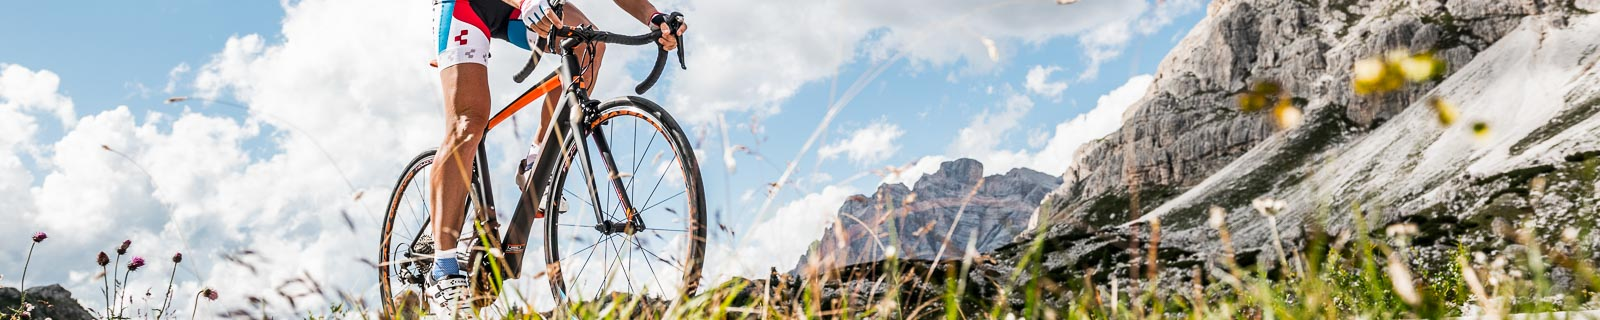 Bicicletas de carretera de aluminio para damas